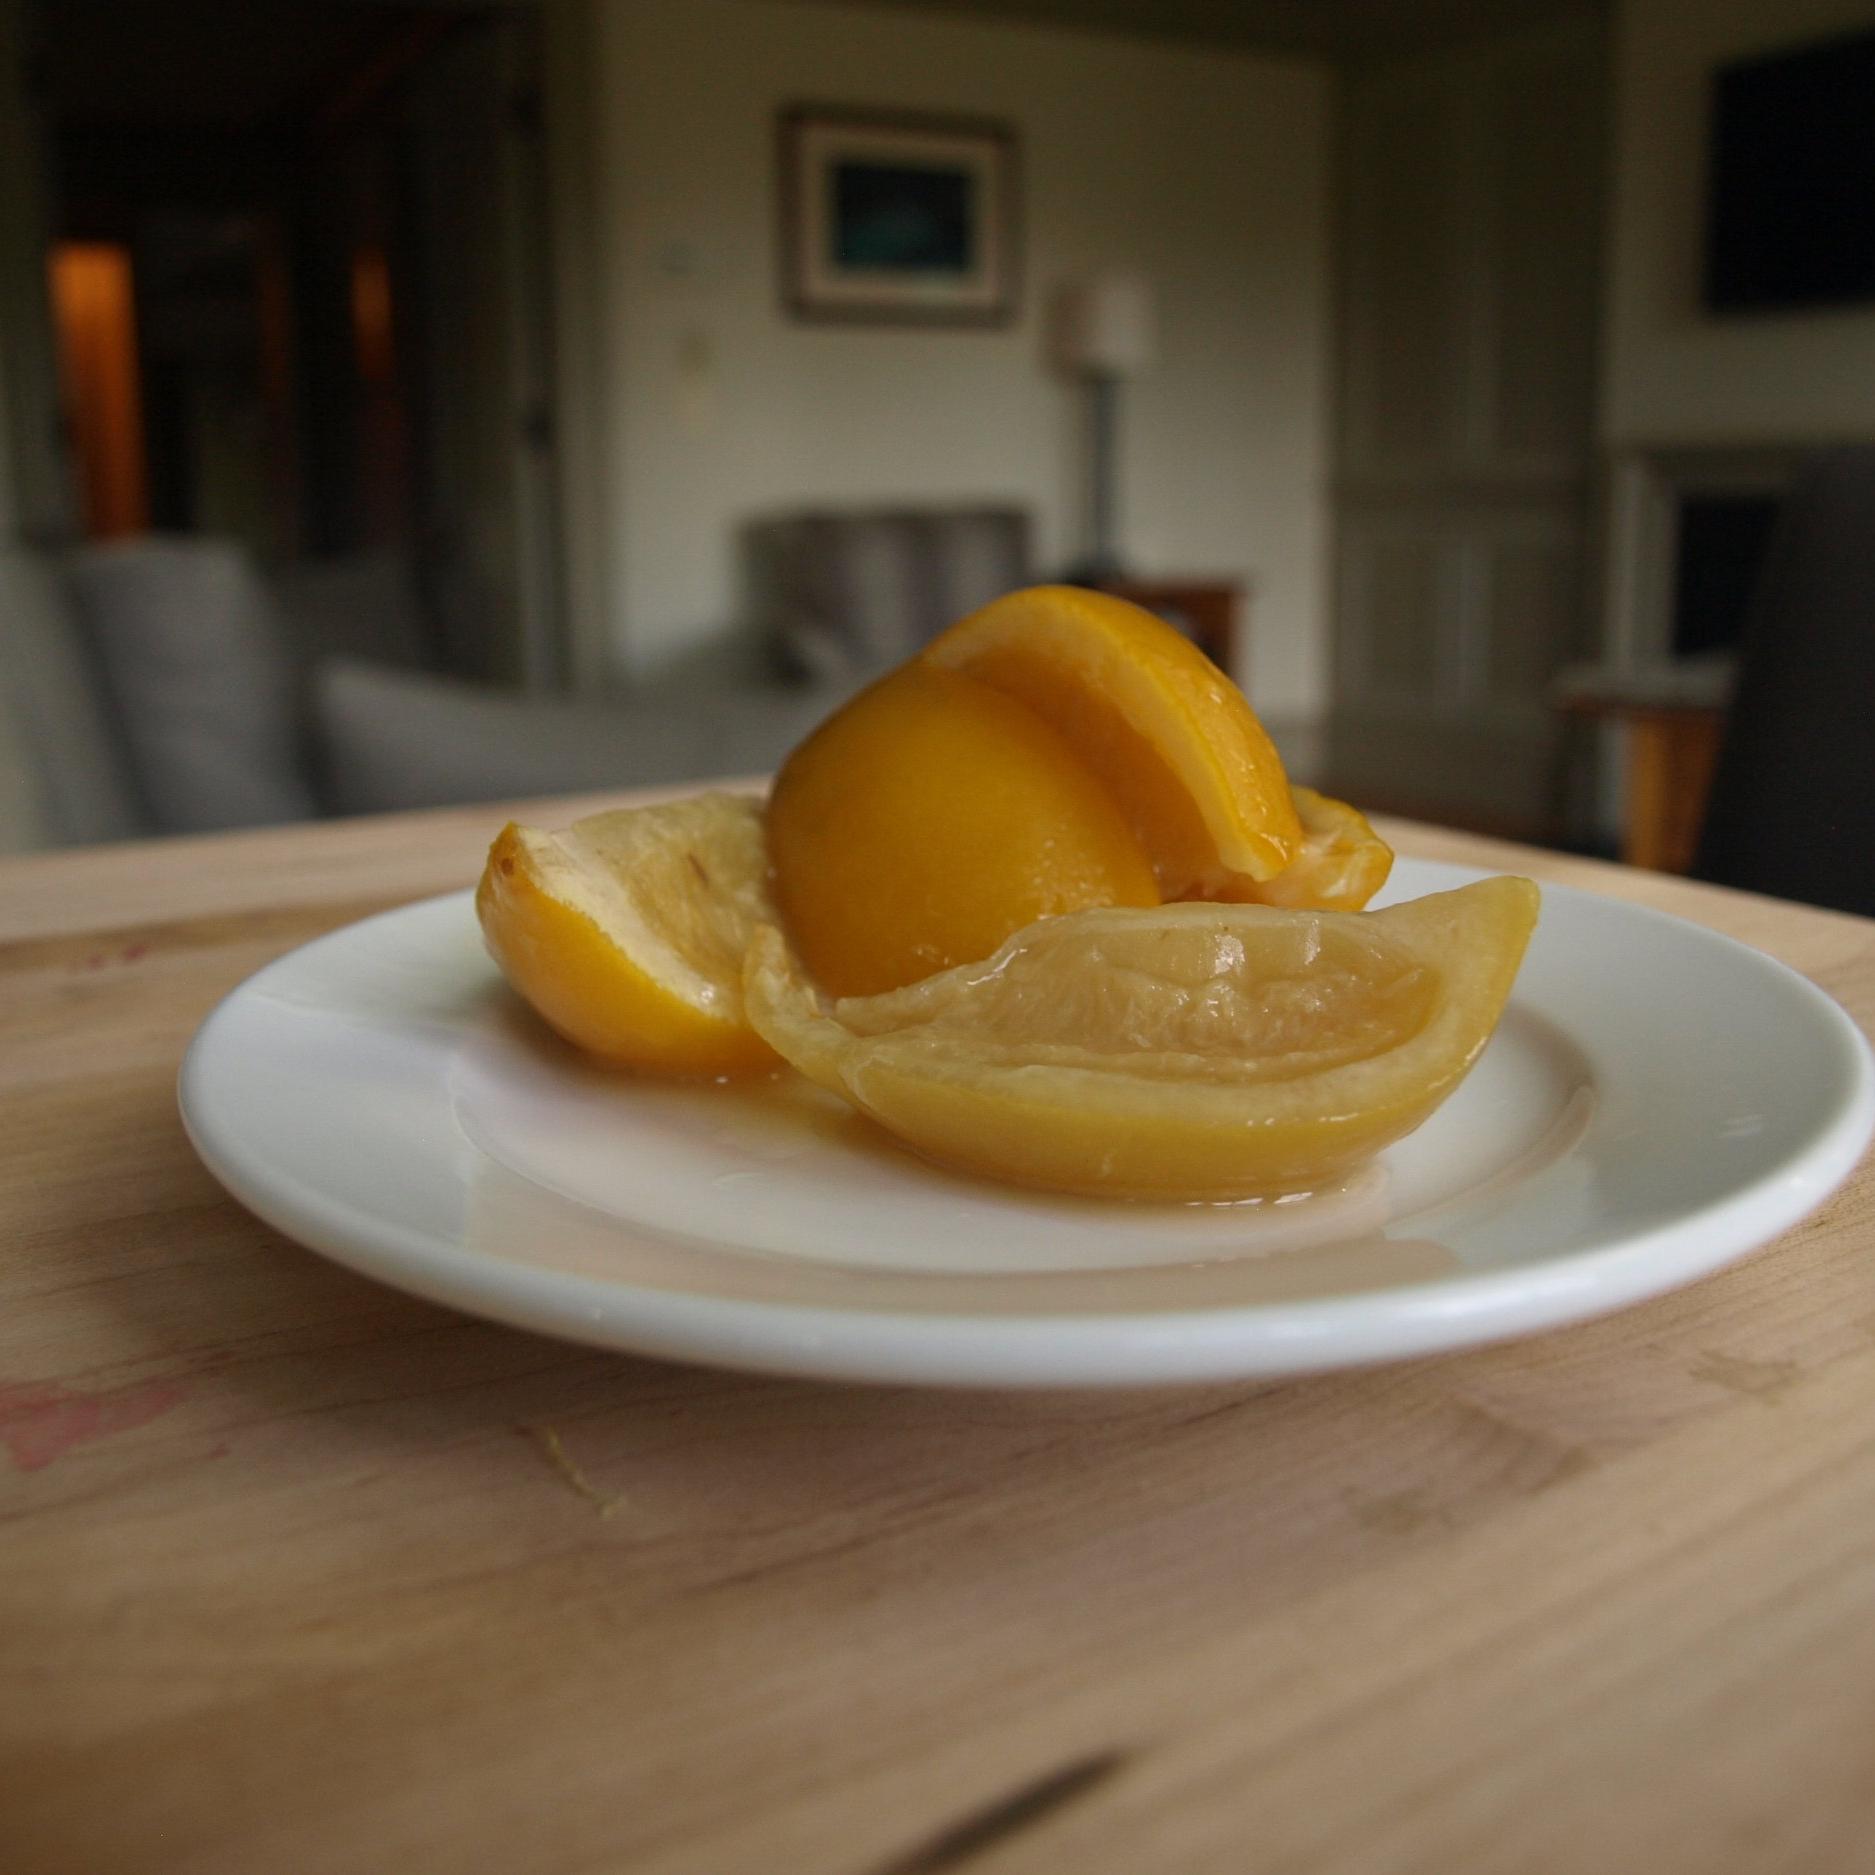 Lemon, Preserved